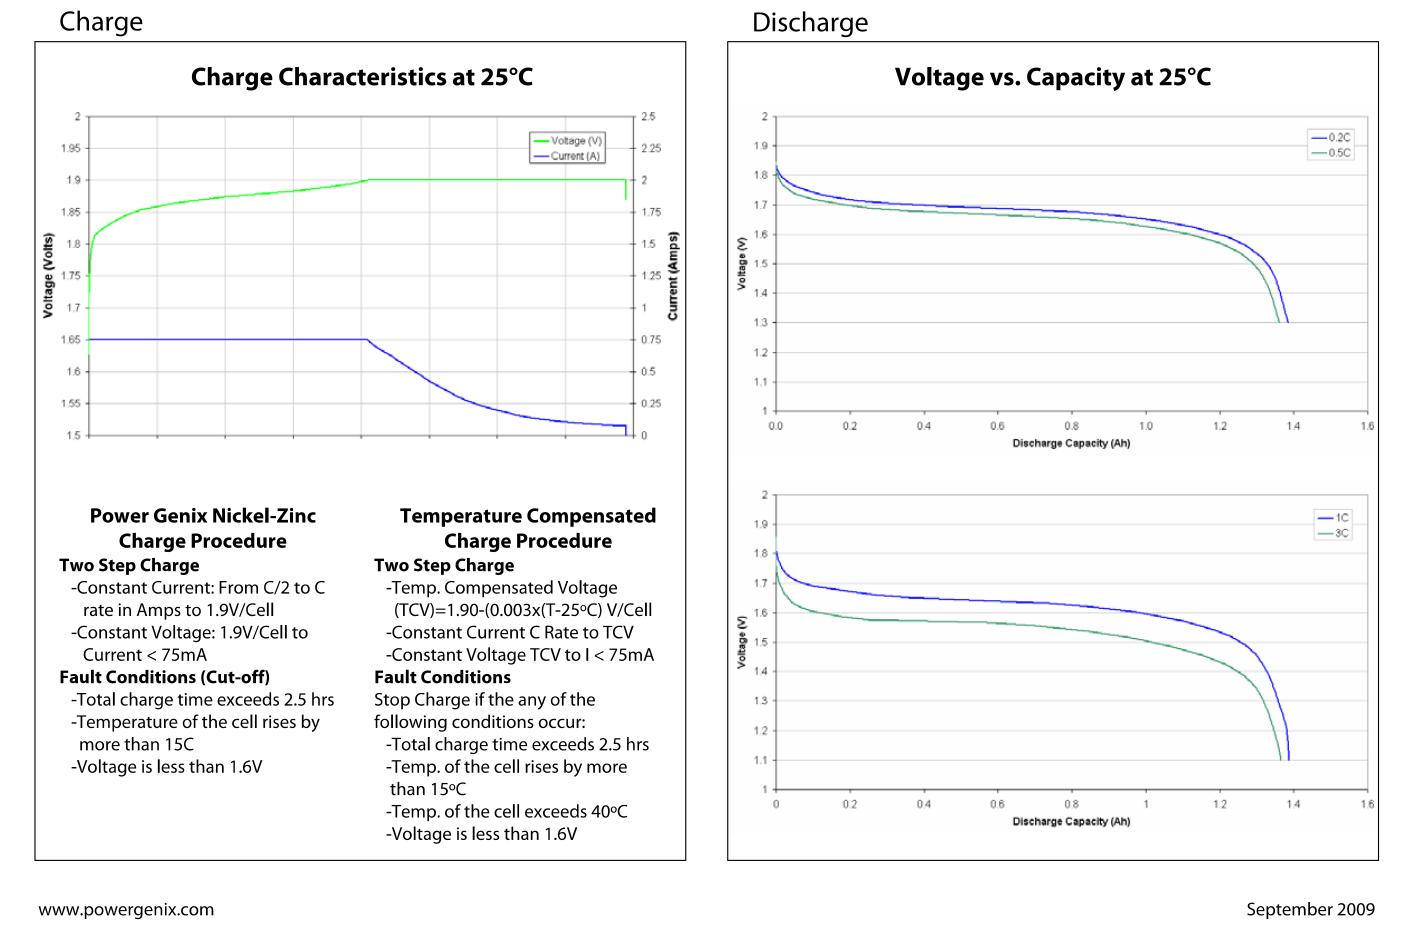 nizn-charge-characteristics